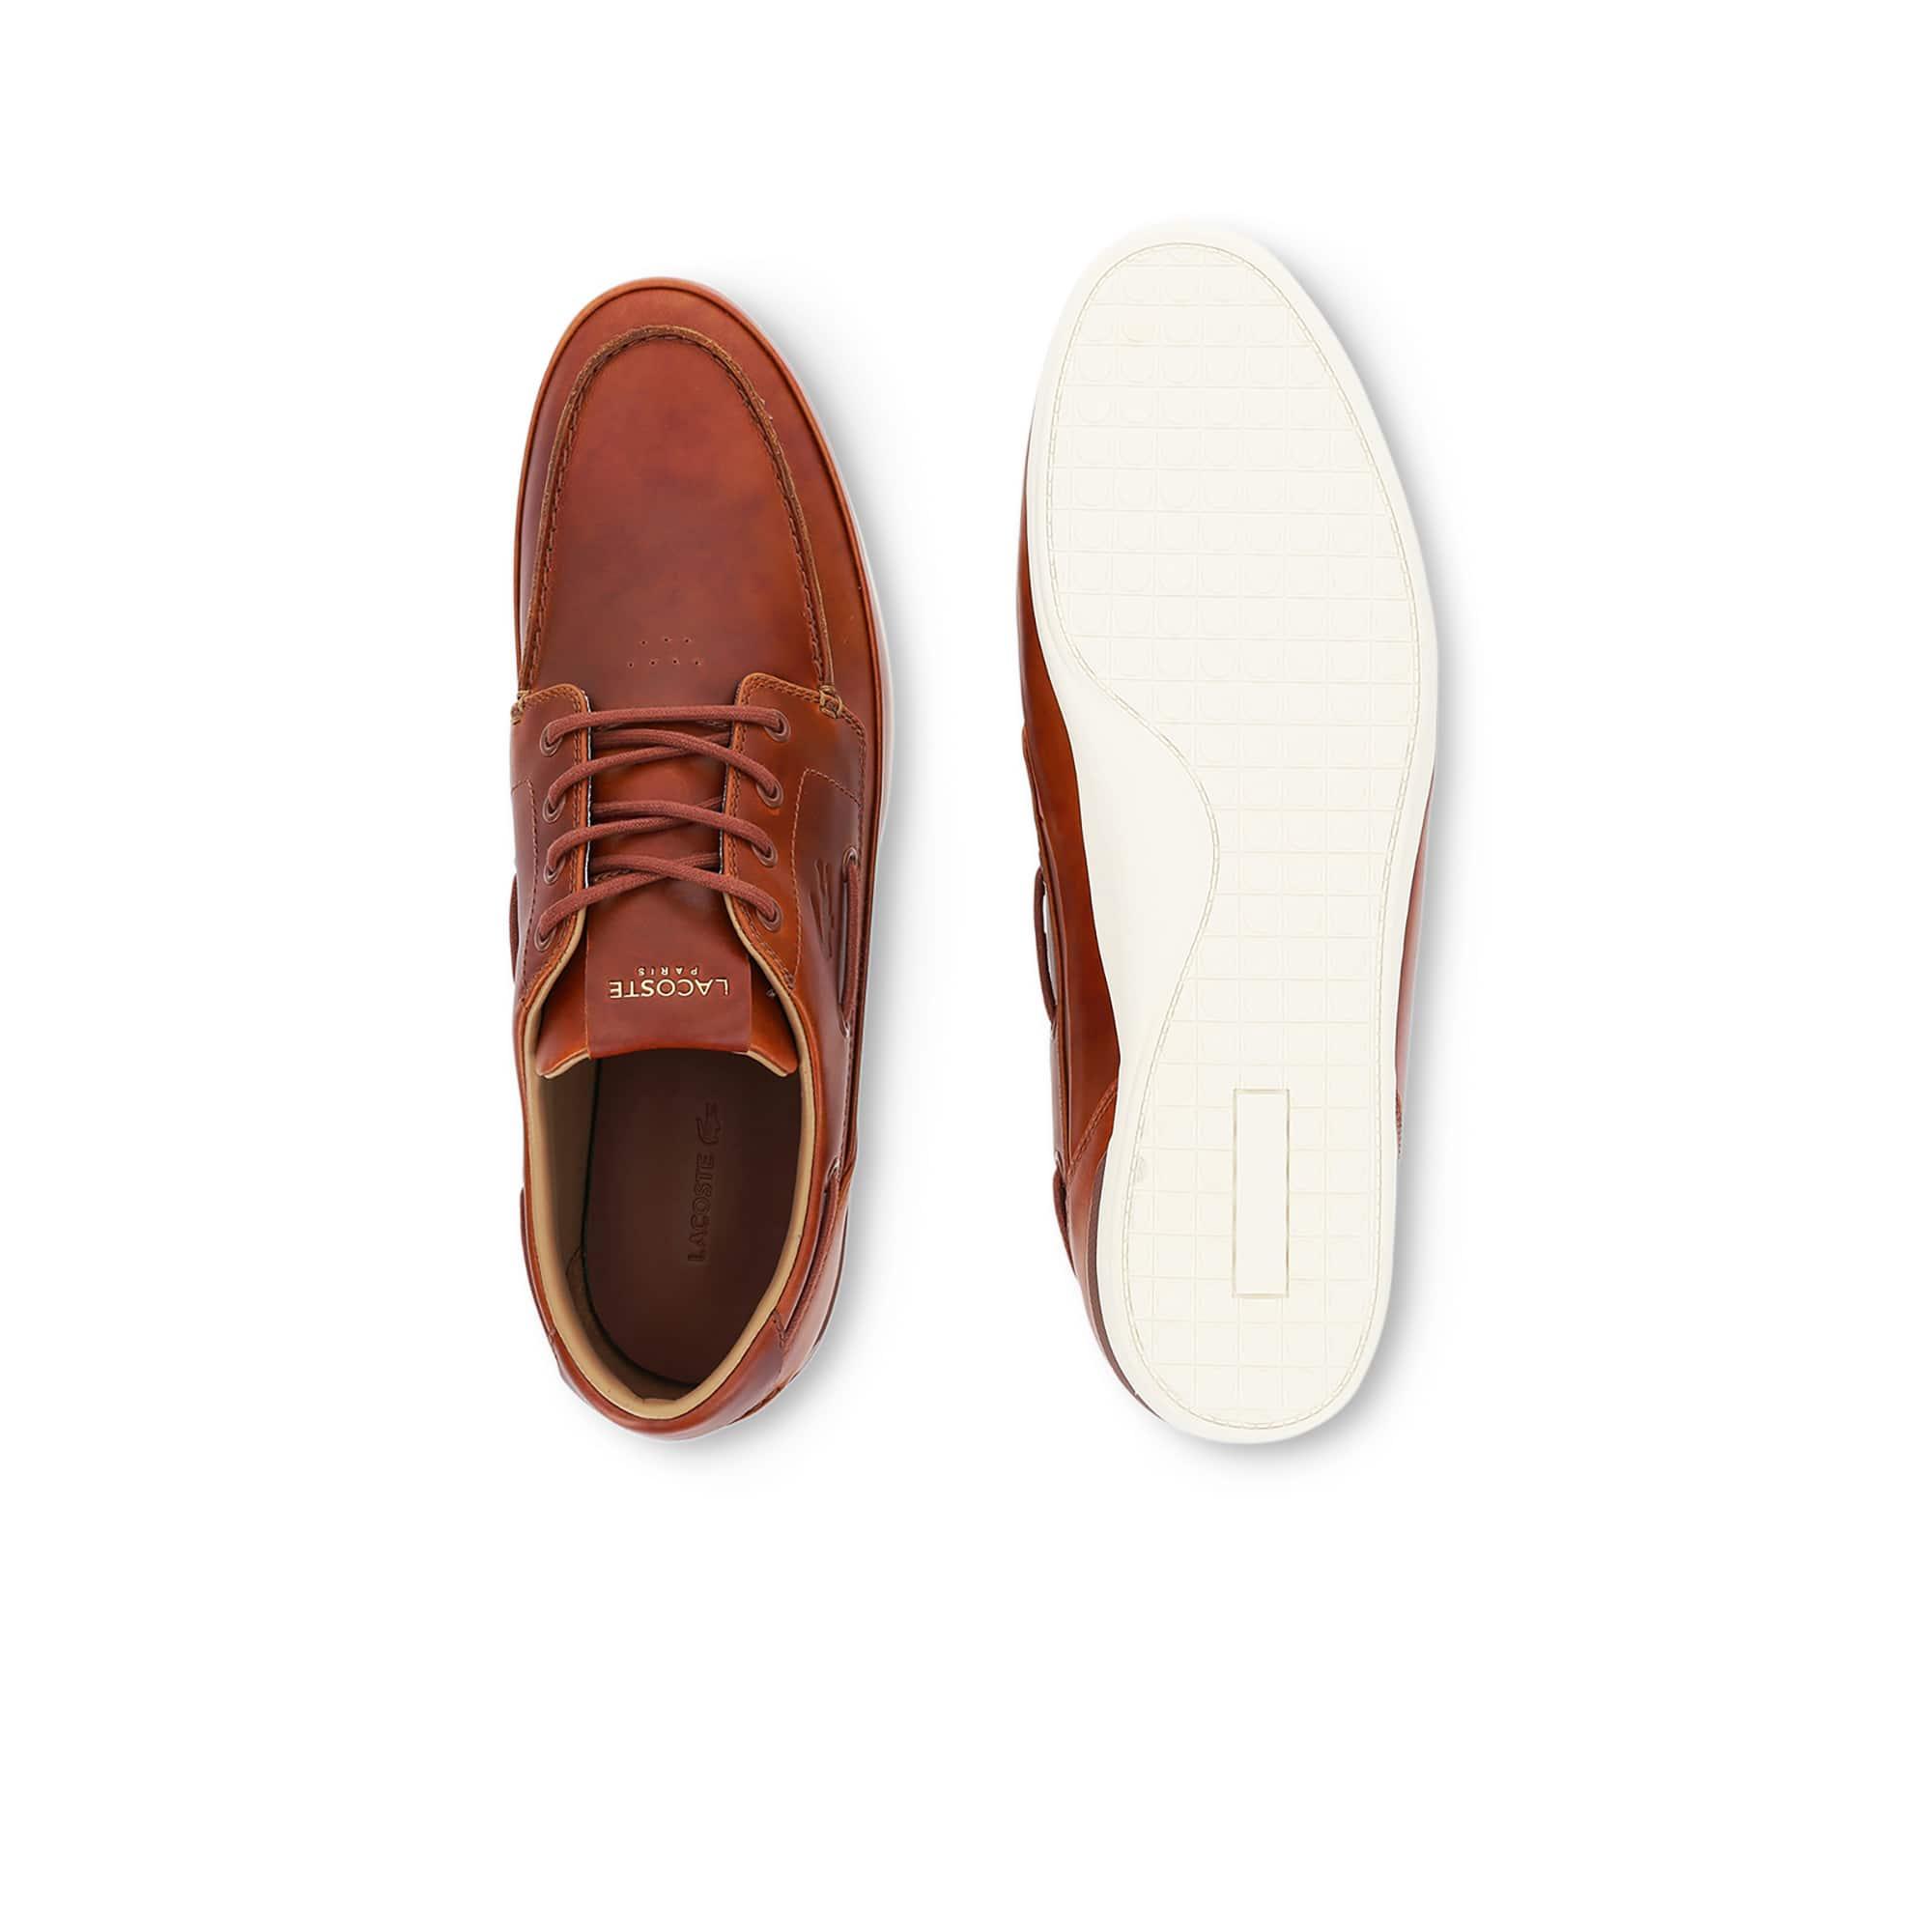 Bateau Premium Qtu6twp Lacoste En Chaussures Cuir Homme Marina wvm8Nn0O